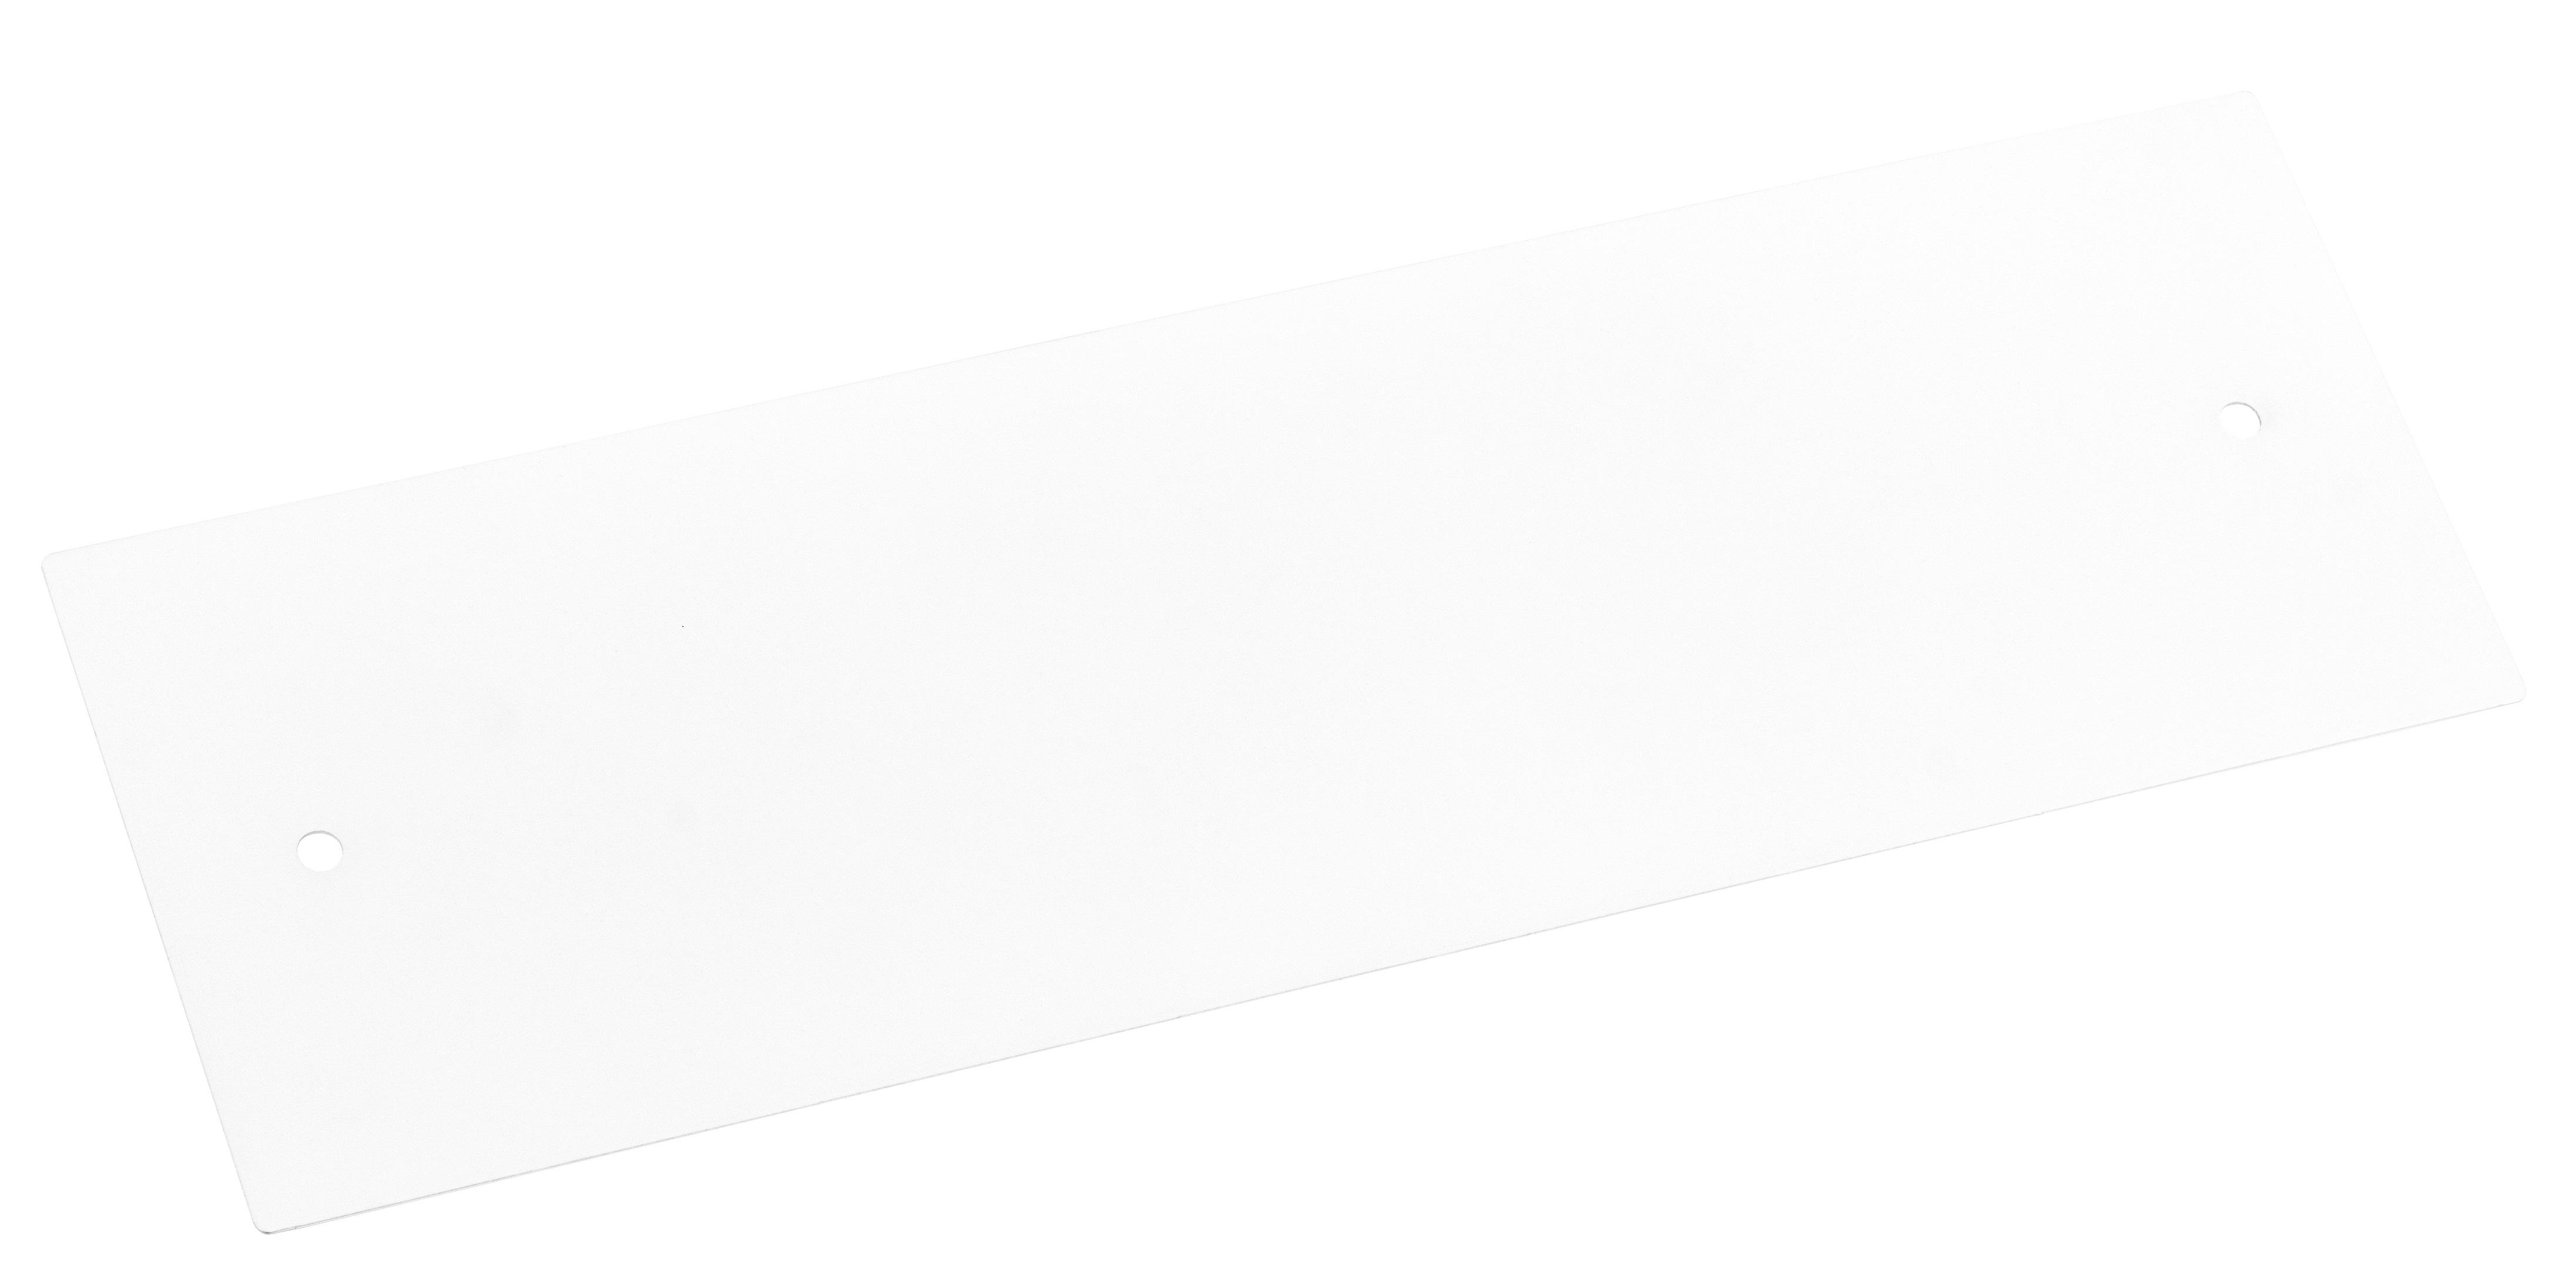 1 Stk Seitenabdeckung (AP-Montage) für DW4Hx3…, H=500mm, RAL7035 DW4HZCS3--